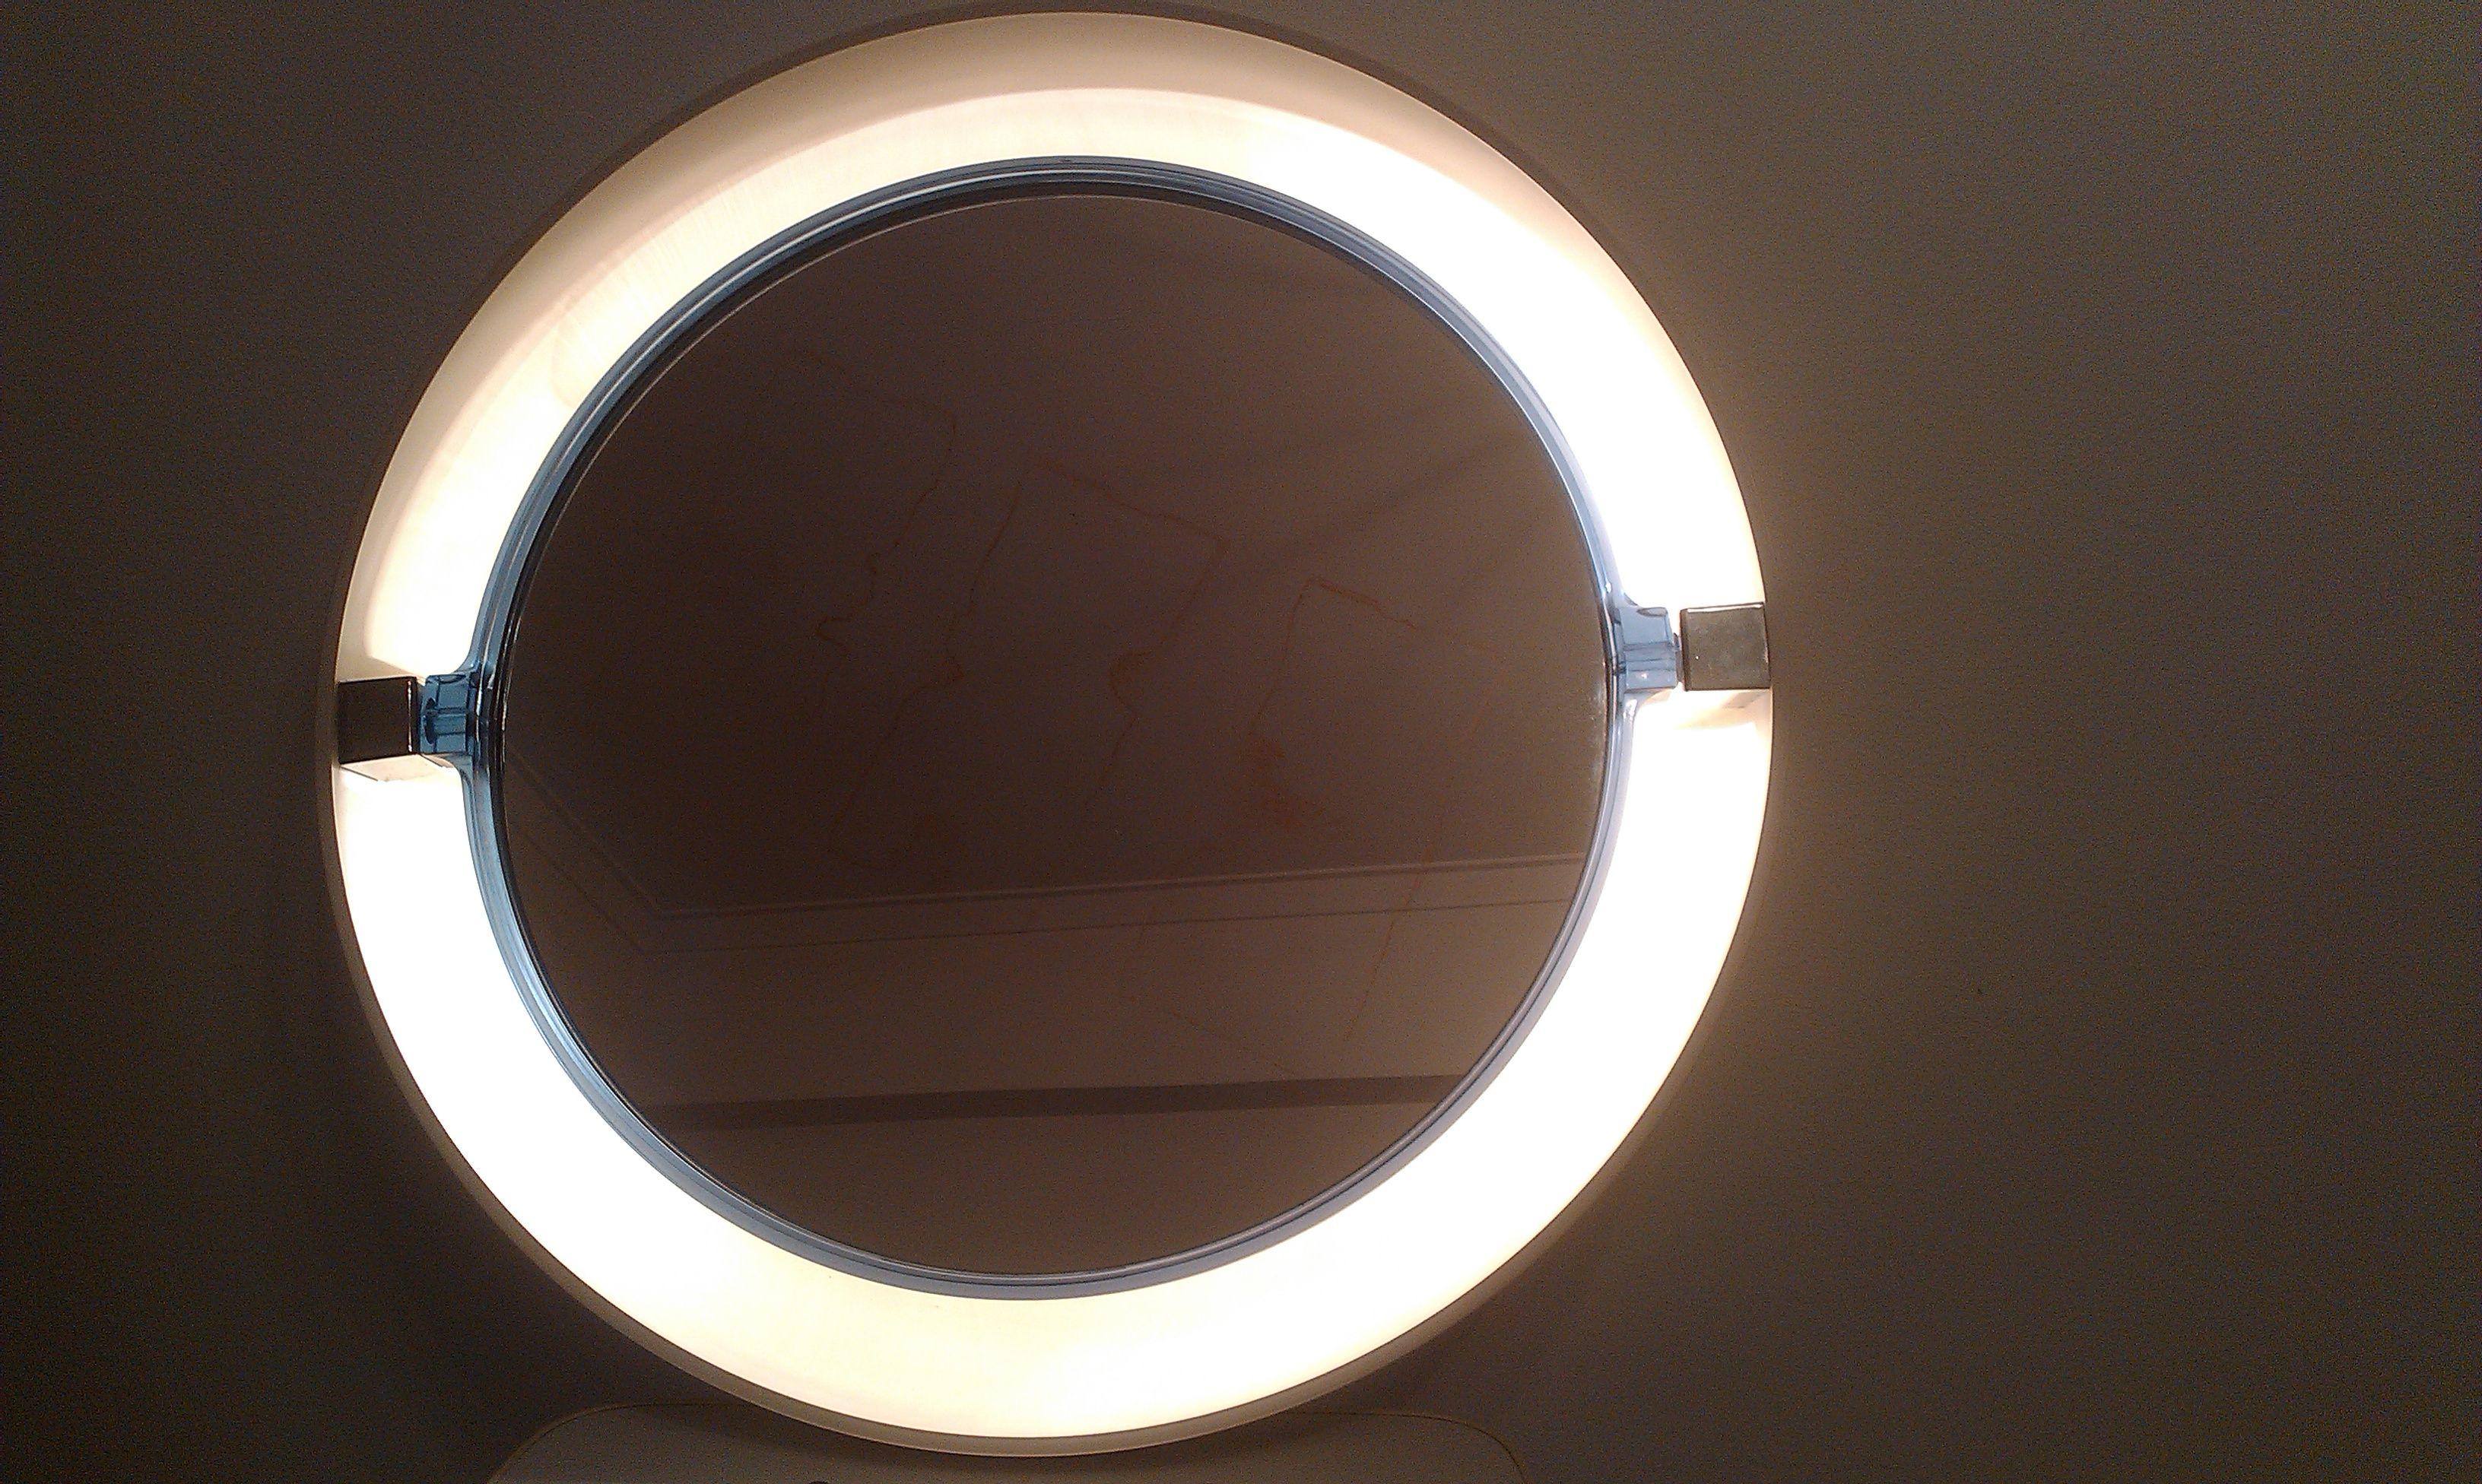 Espelho candeeiro space age ANOS 70